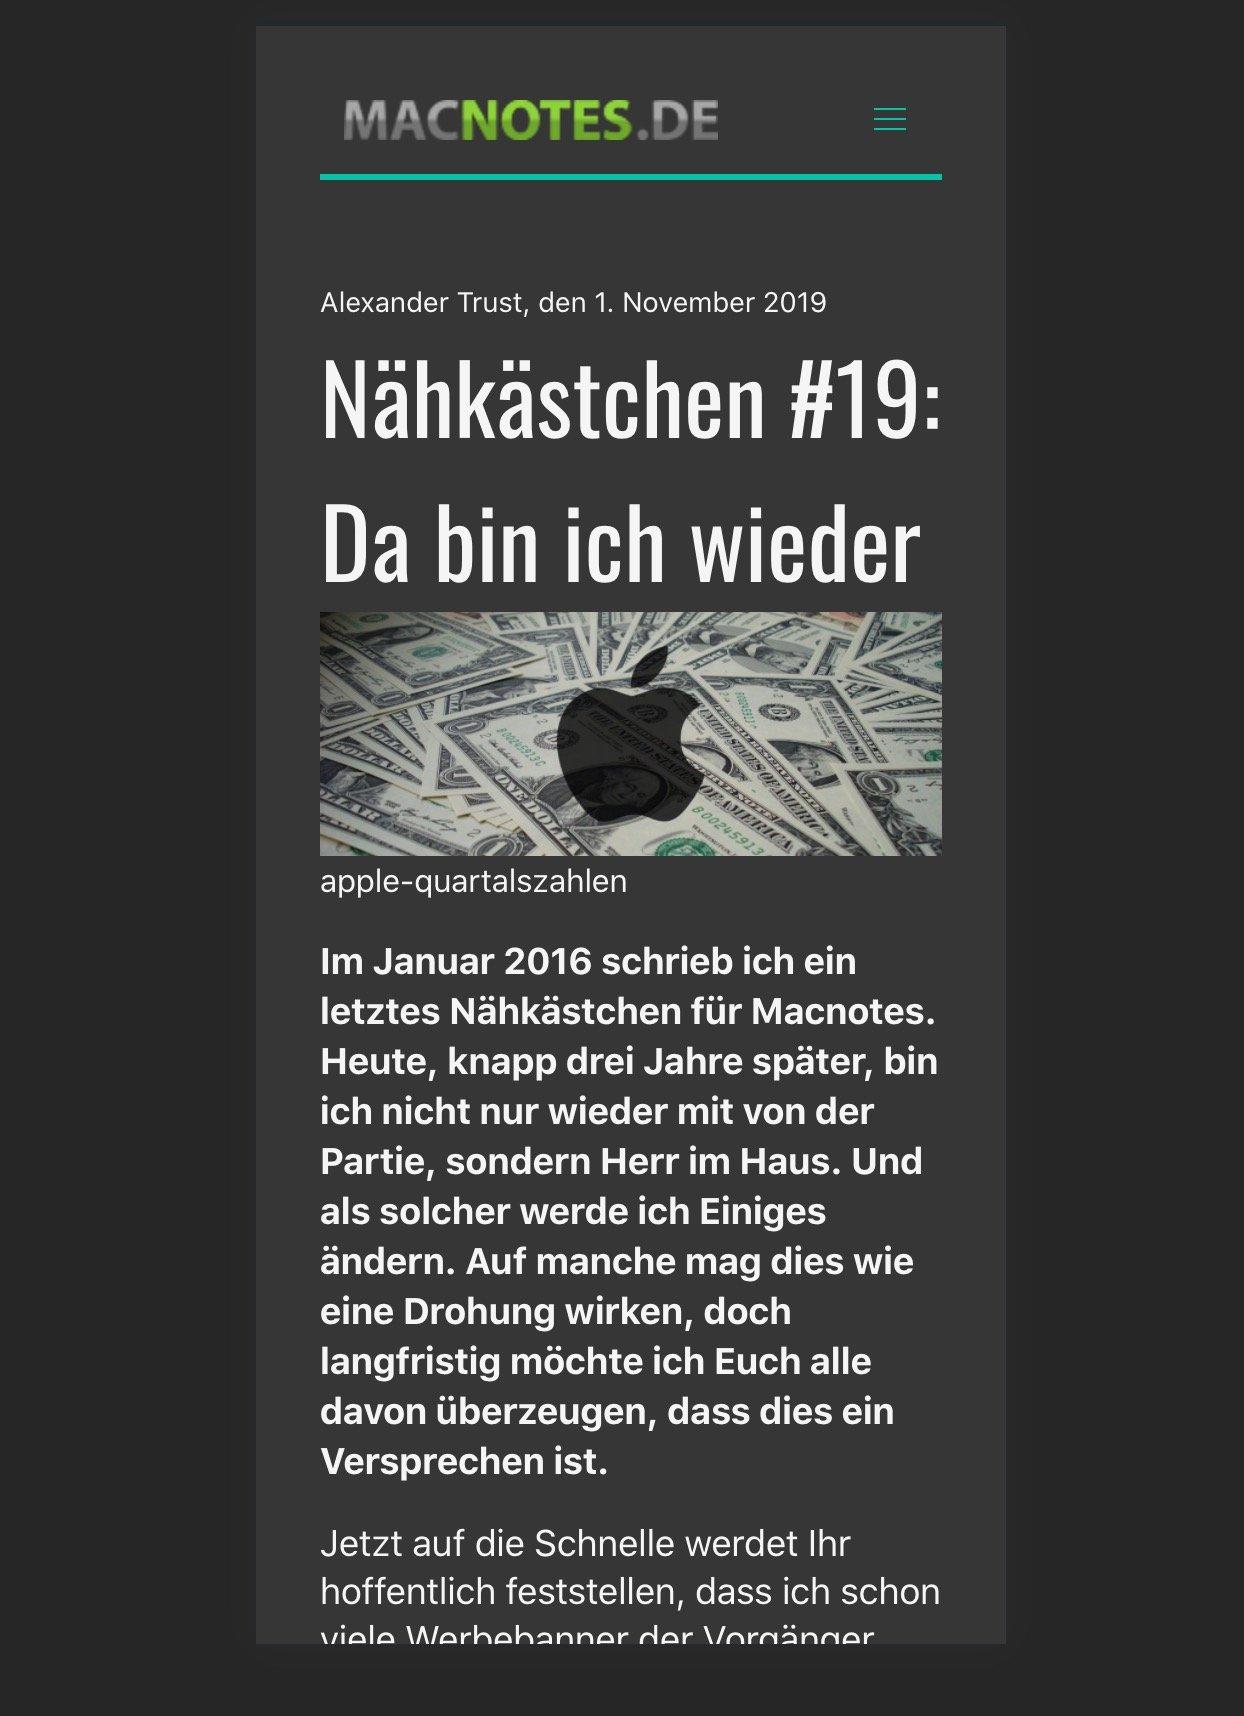 Artikelseite von Macnotes 2020 auf dem iPhone